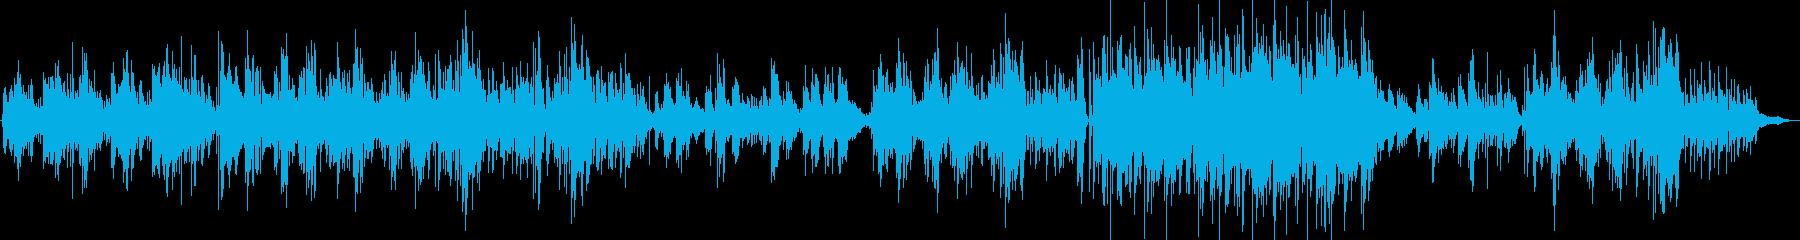 ブルース カントリー ほのぼの 幸...の再生済みの波形